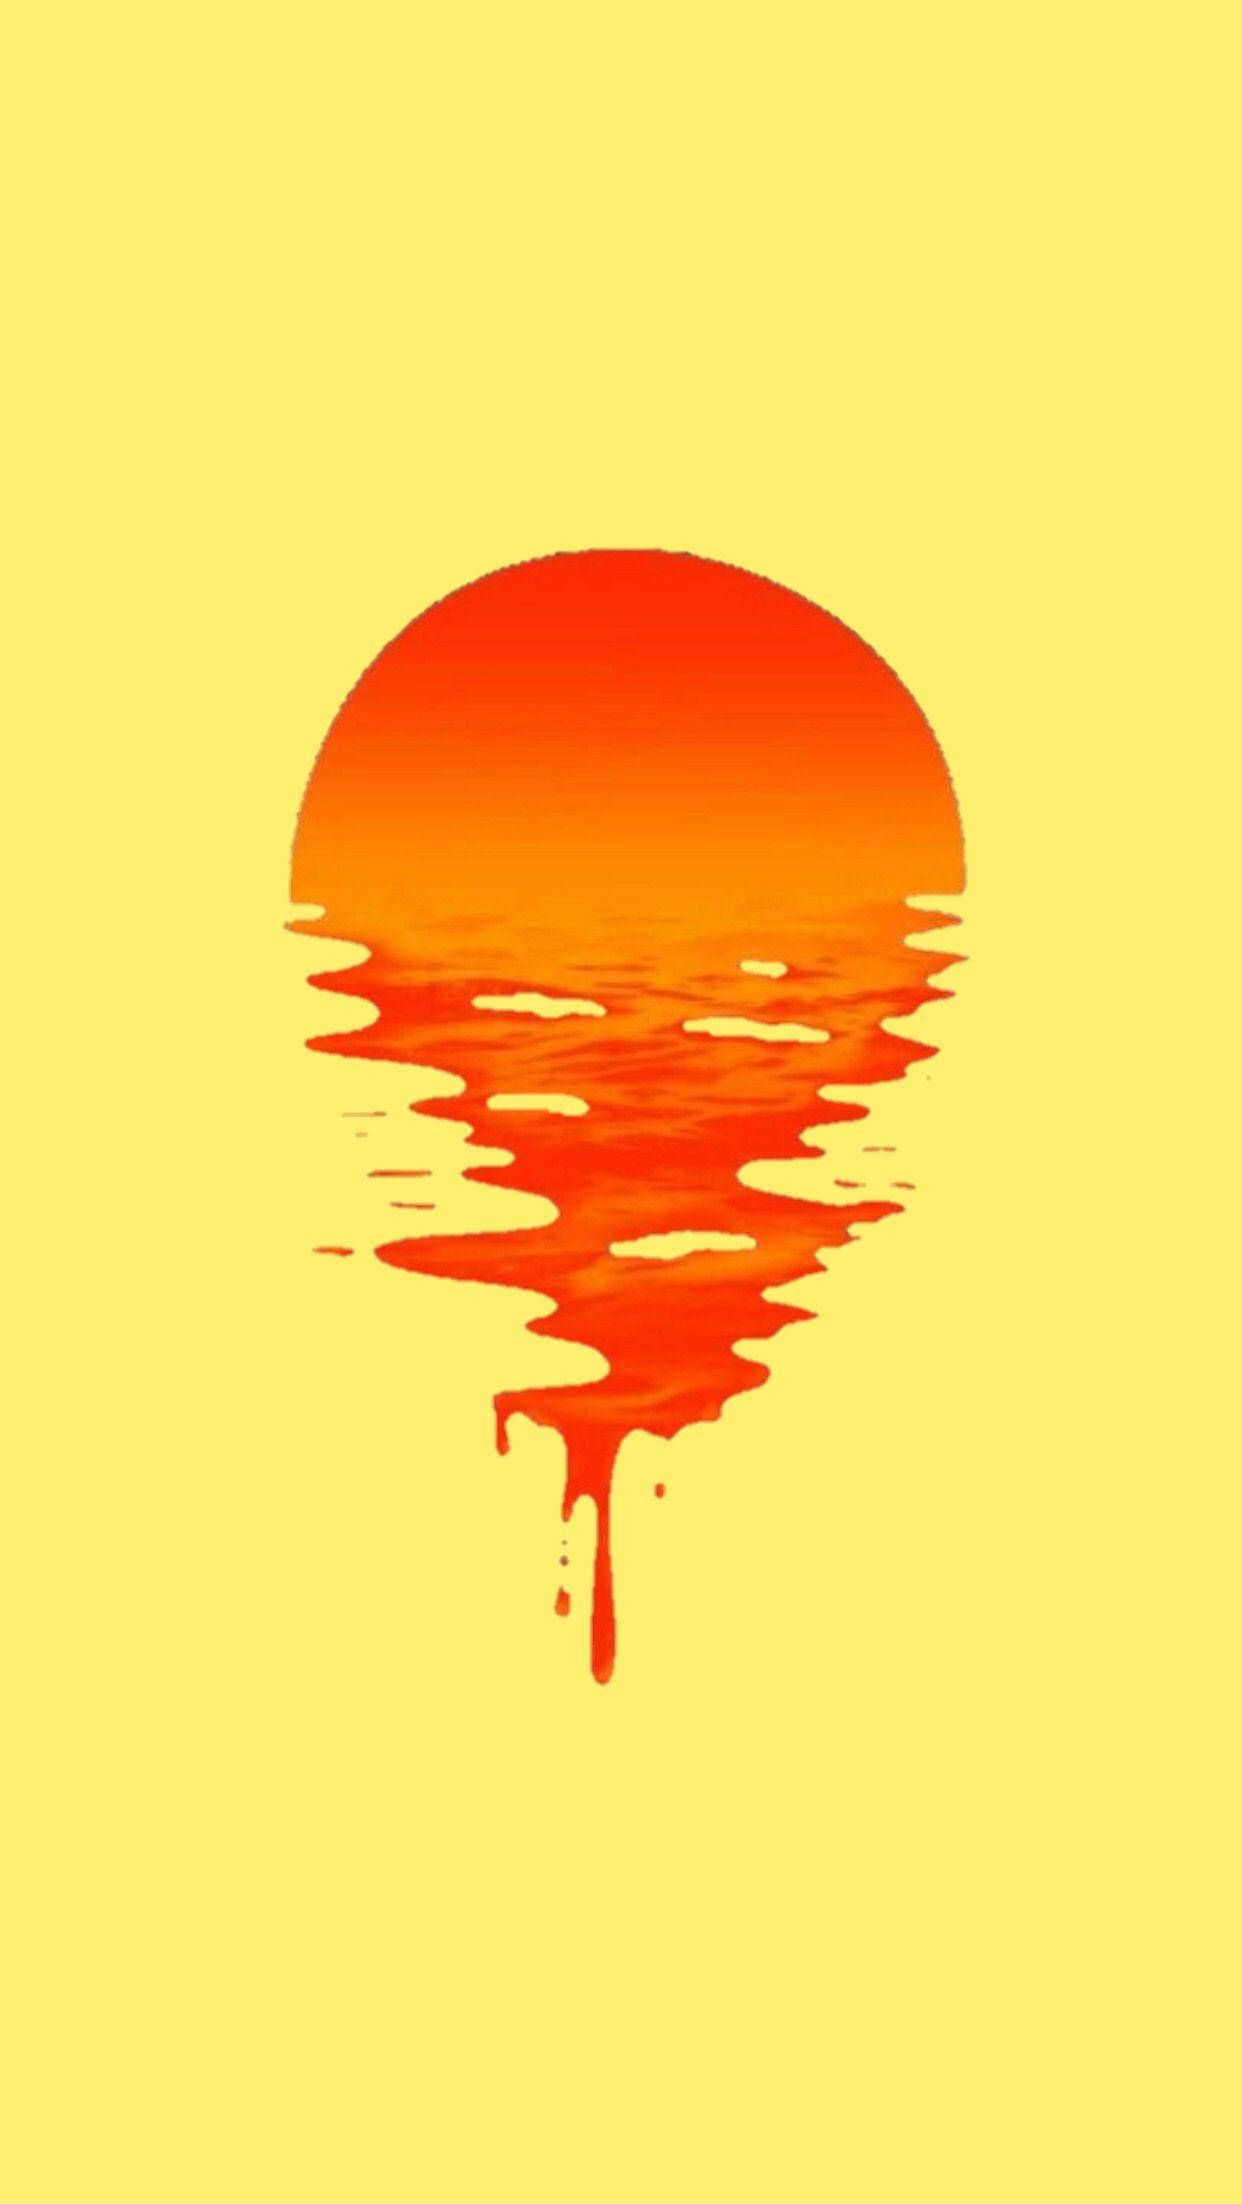 Yellow Red Orange Wallpaper Lockscreen Background Sunset Sun Aesthetic Orange Wallpaper Sunset Wallpaper Iphone Wallpaper Orange